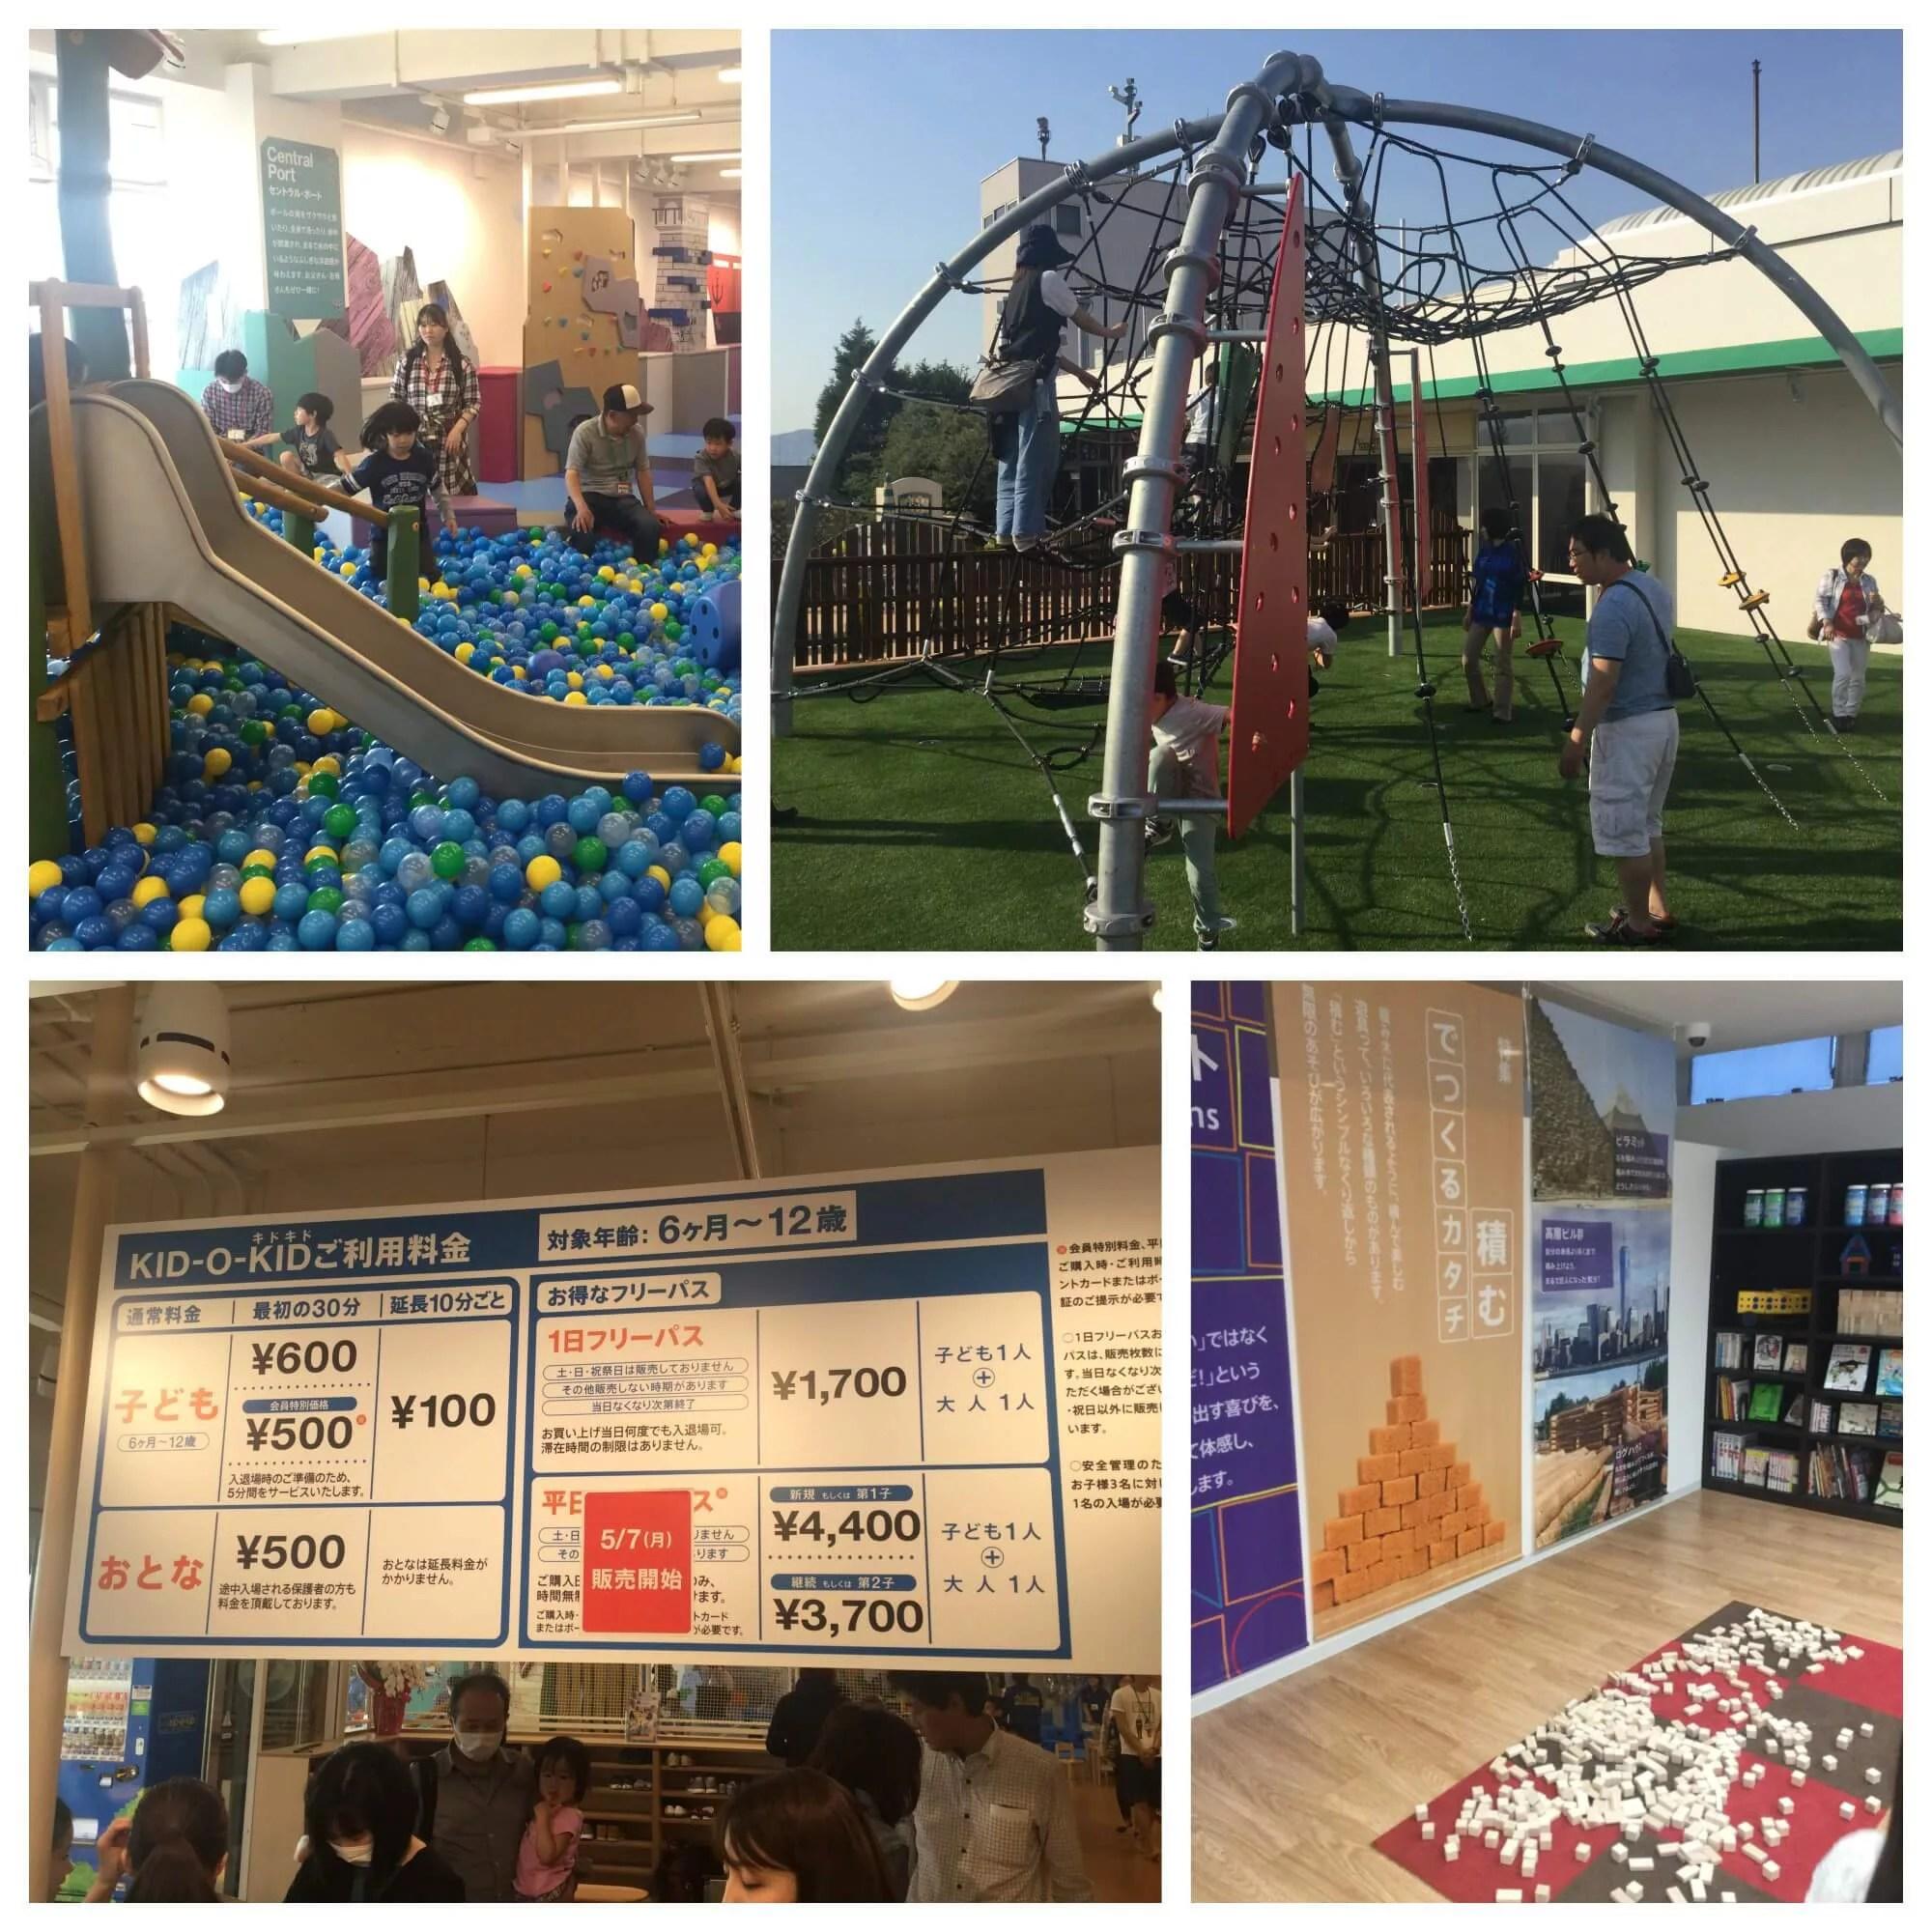 空港初!伊丹空港子供向け室内遊び場「キドキド」内部を詳細レポート